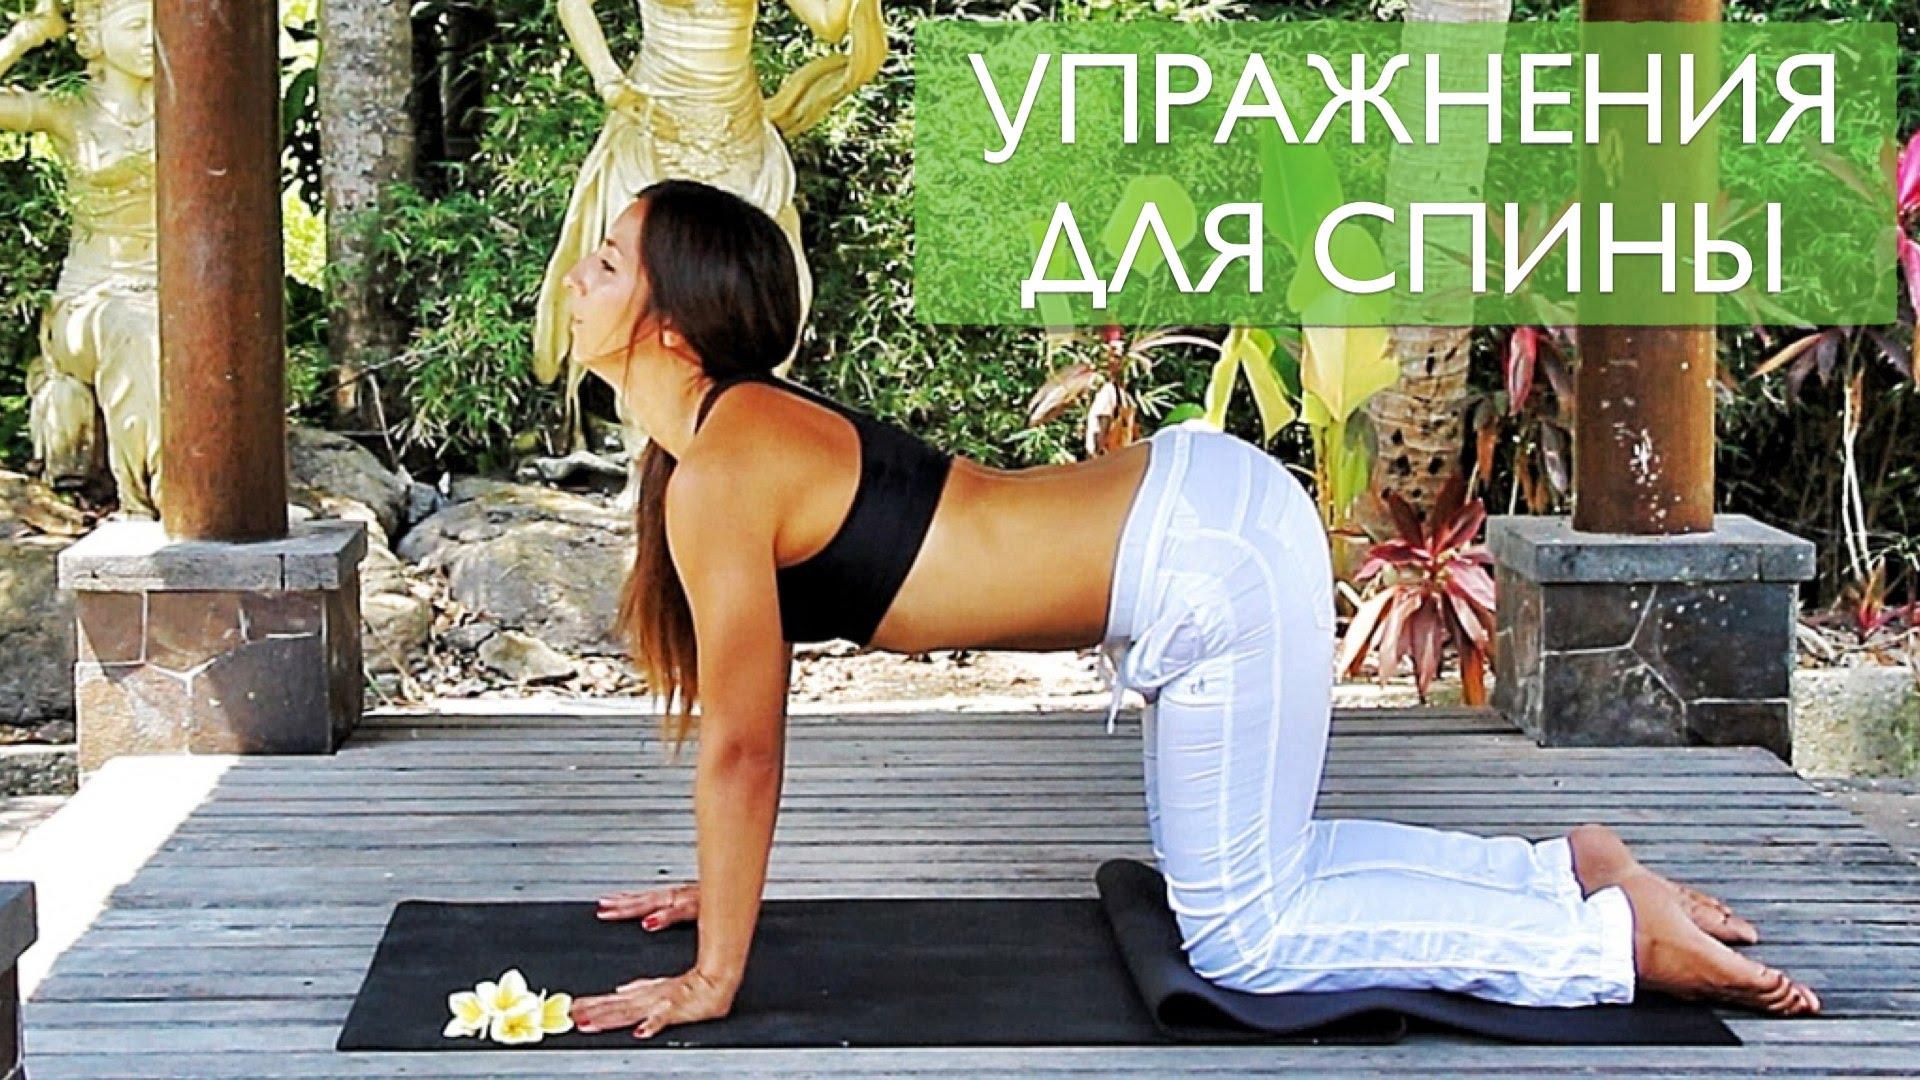 Упражнения для профилактики сидячего образа жизни. Снимаем боль и напряжение в спине